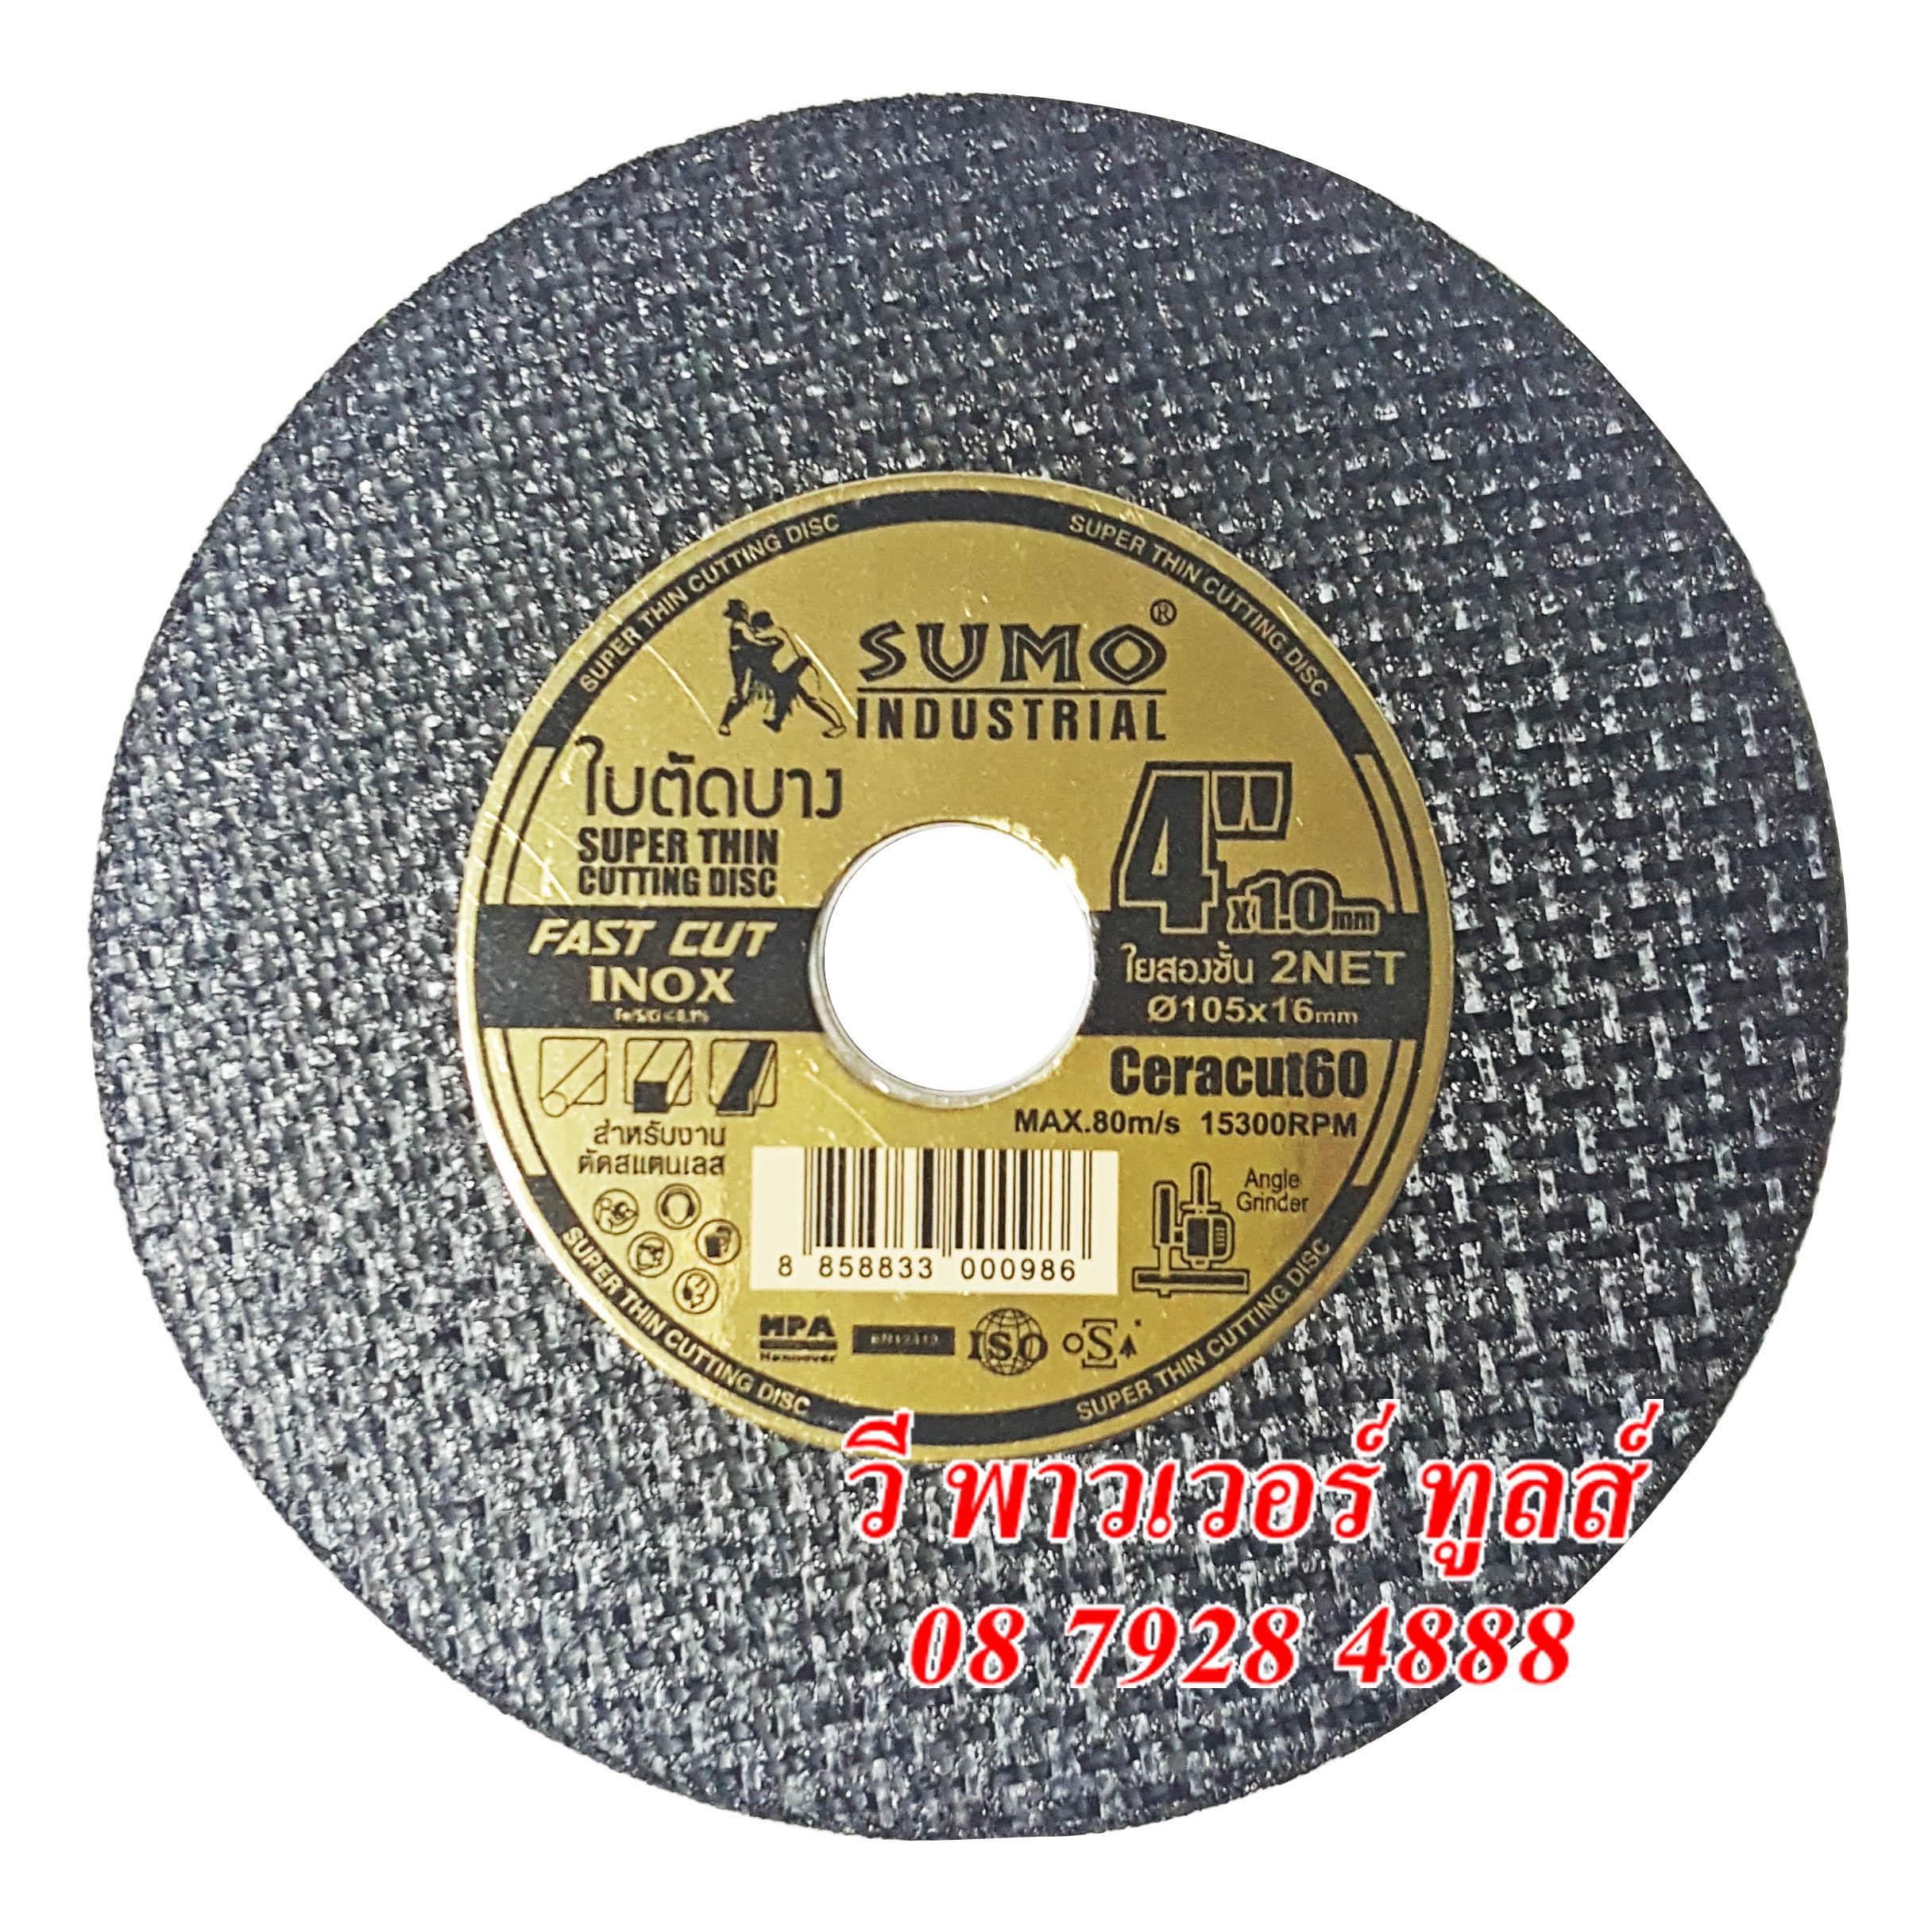 """SUMO แผ่นตัดบาง 4"""" หนา 1 มม. (สีทองรุ่นไร้รอยไหม้) สำหรับตัดสแตนเลส เหล็กกลวง/ตัน อัลลอยด์"""